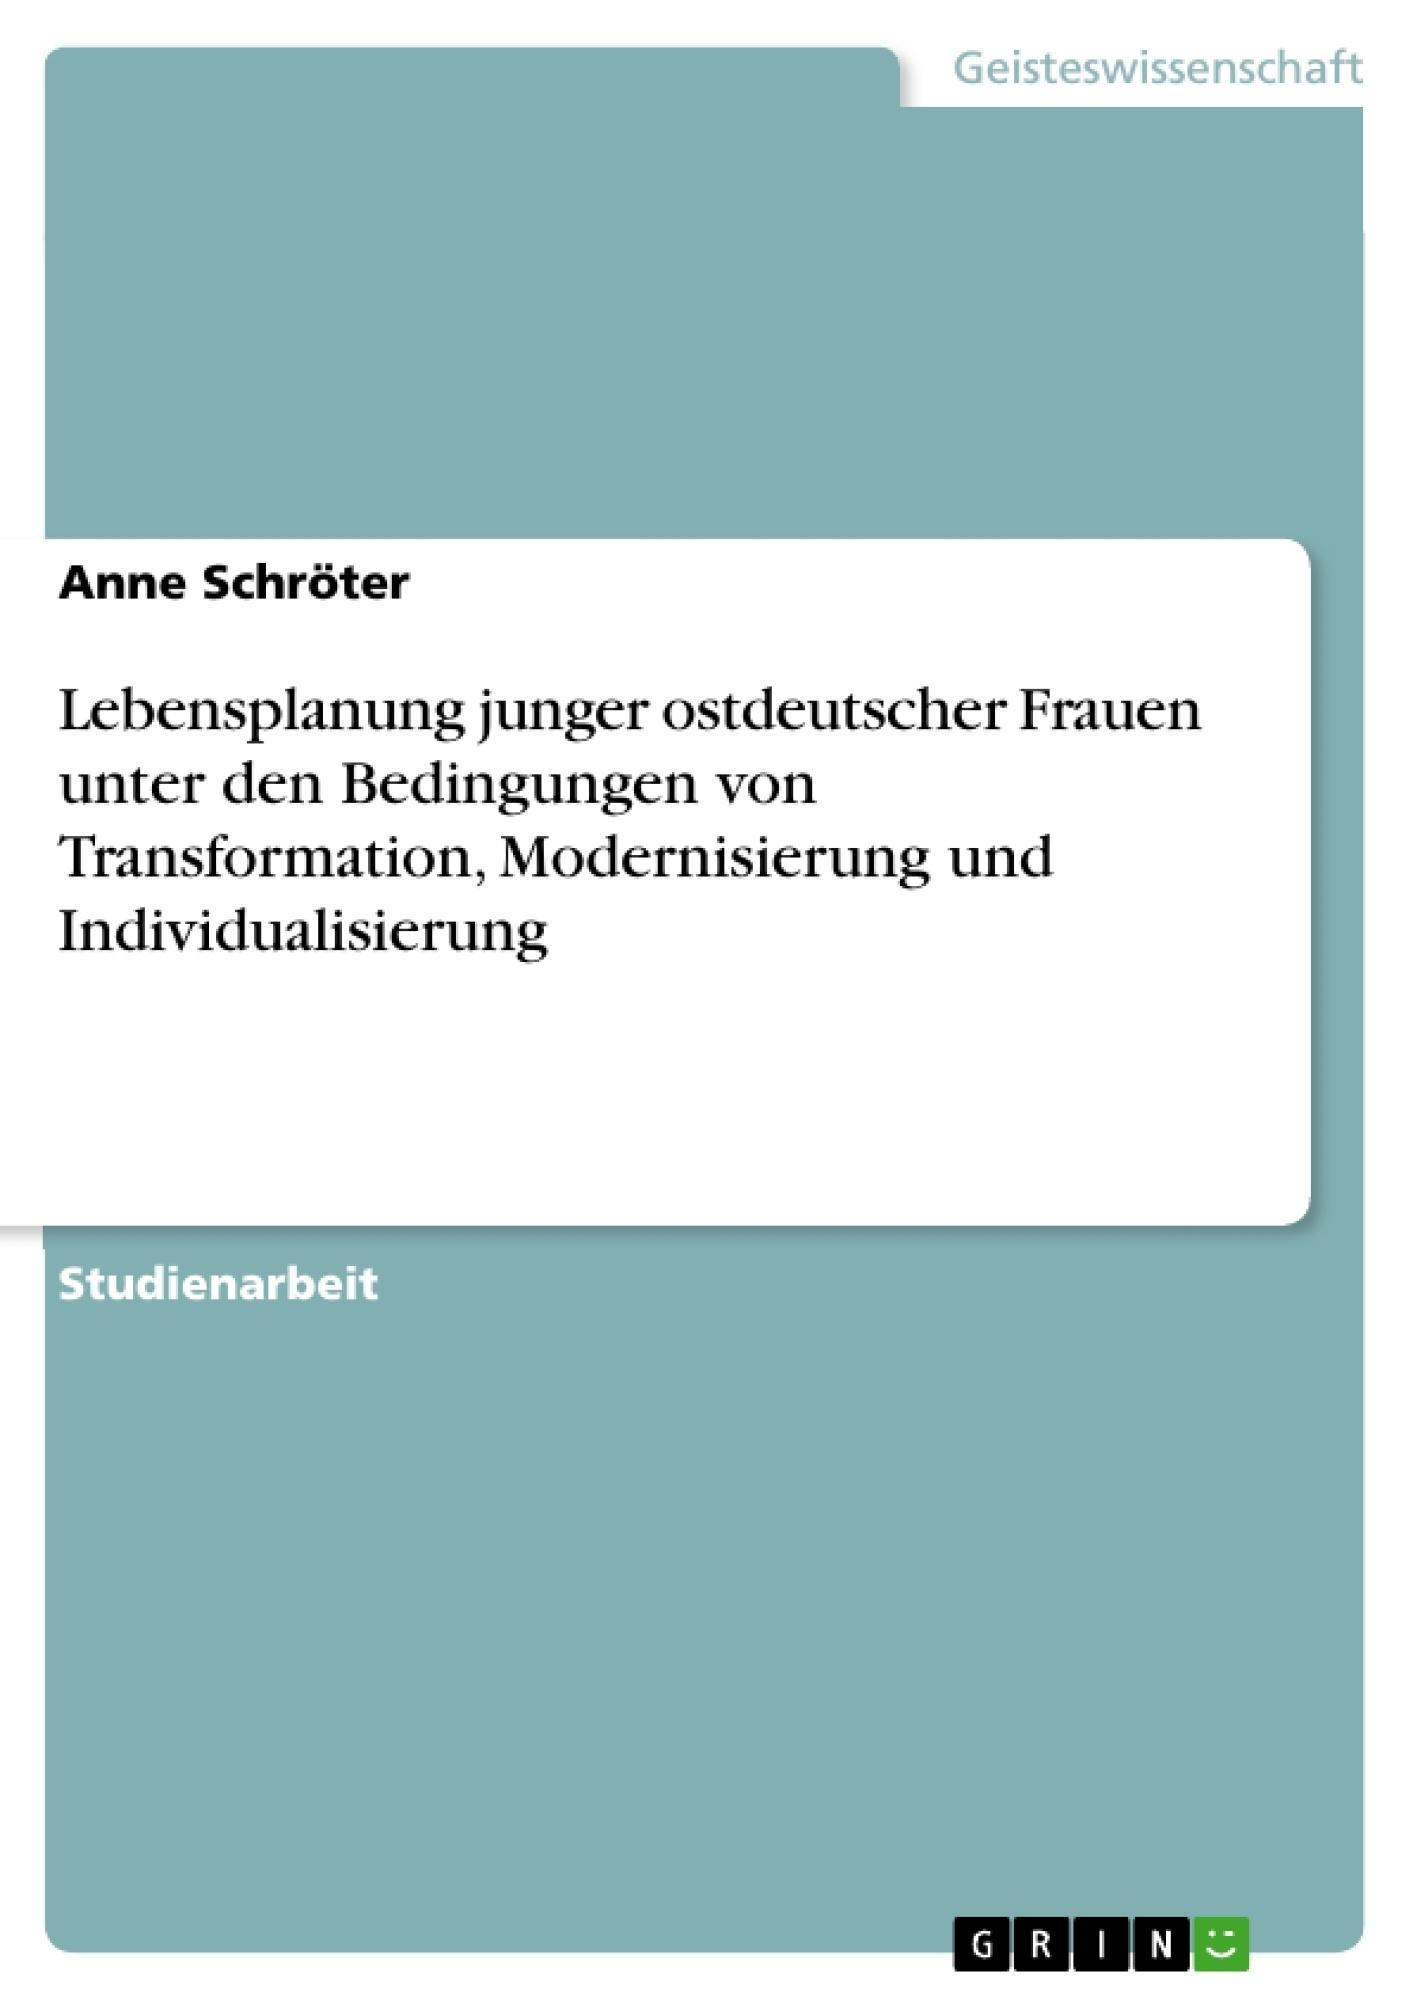 Titel: Lebensplanung junger ostdeutscher Frauen unter den Bedingungen von Transformation, Modernisierung und Individualisierung